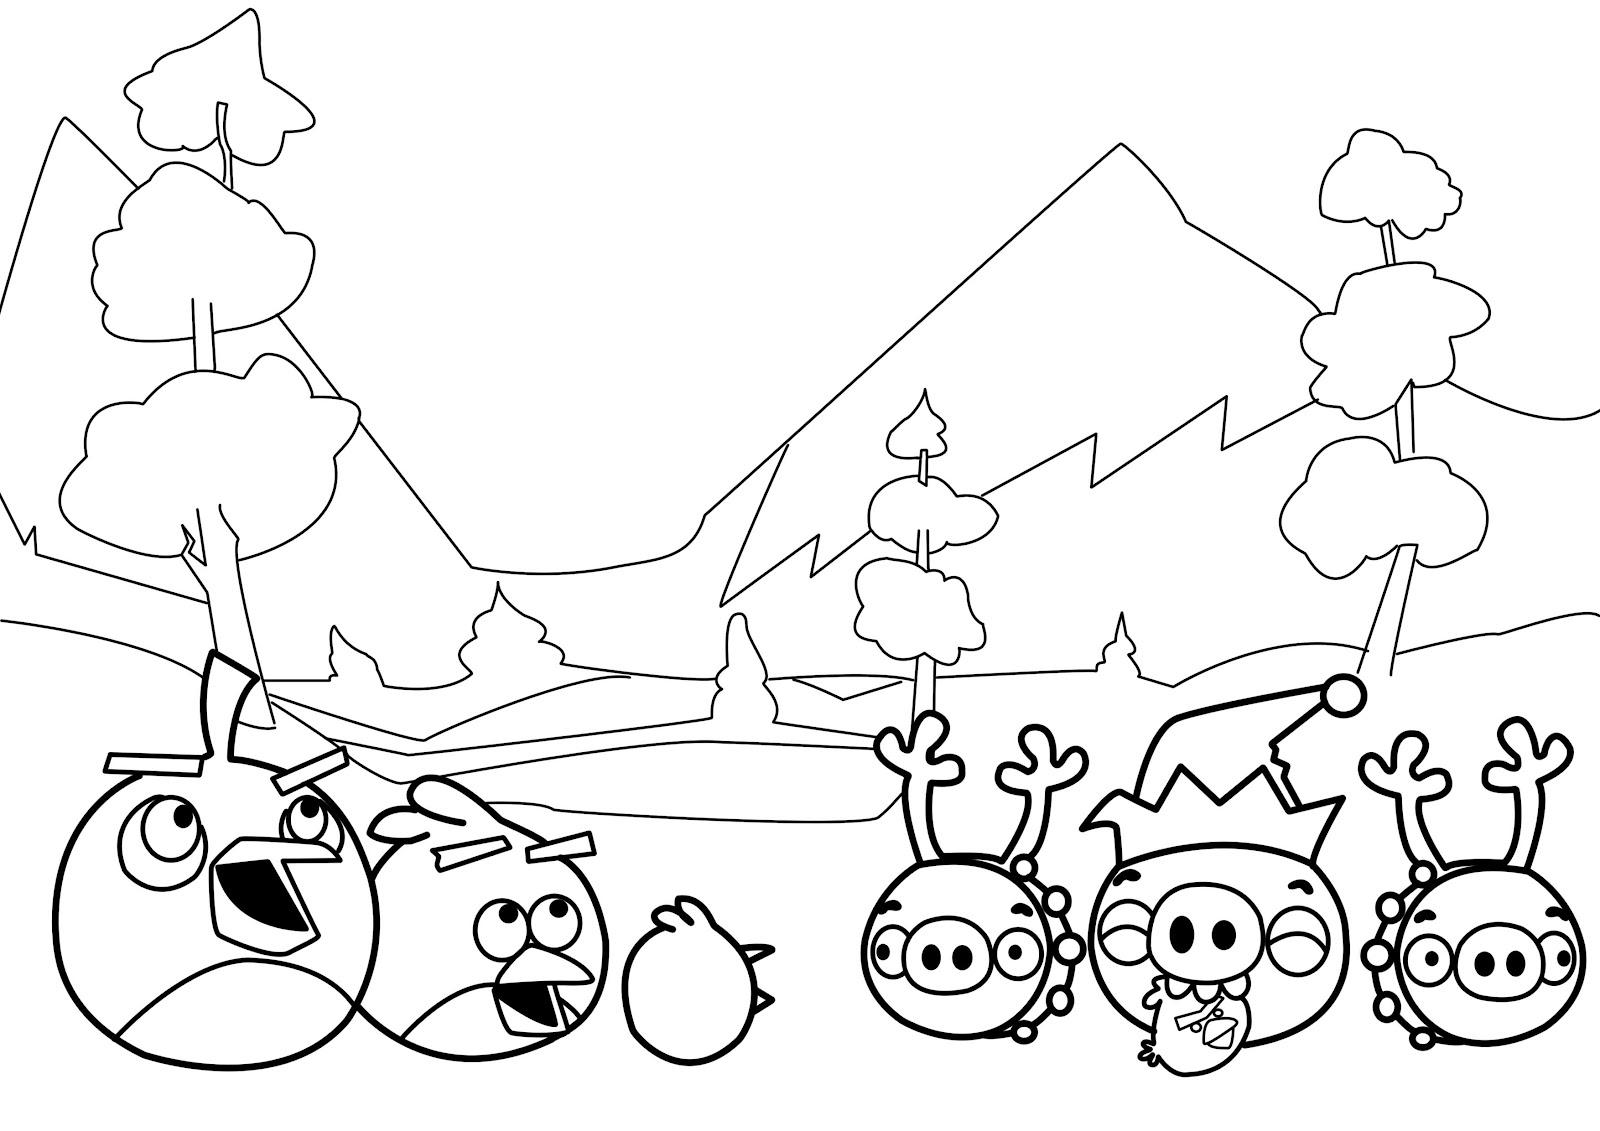 Desenhos Para Pintar Angry Birds: Brinquedos De Papel: Desenhos Dos Angry Birds Para Colorir